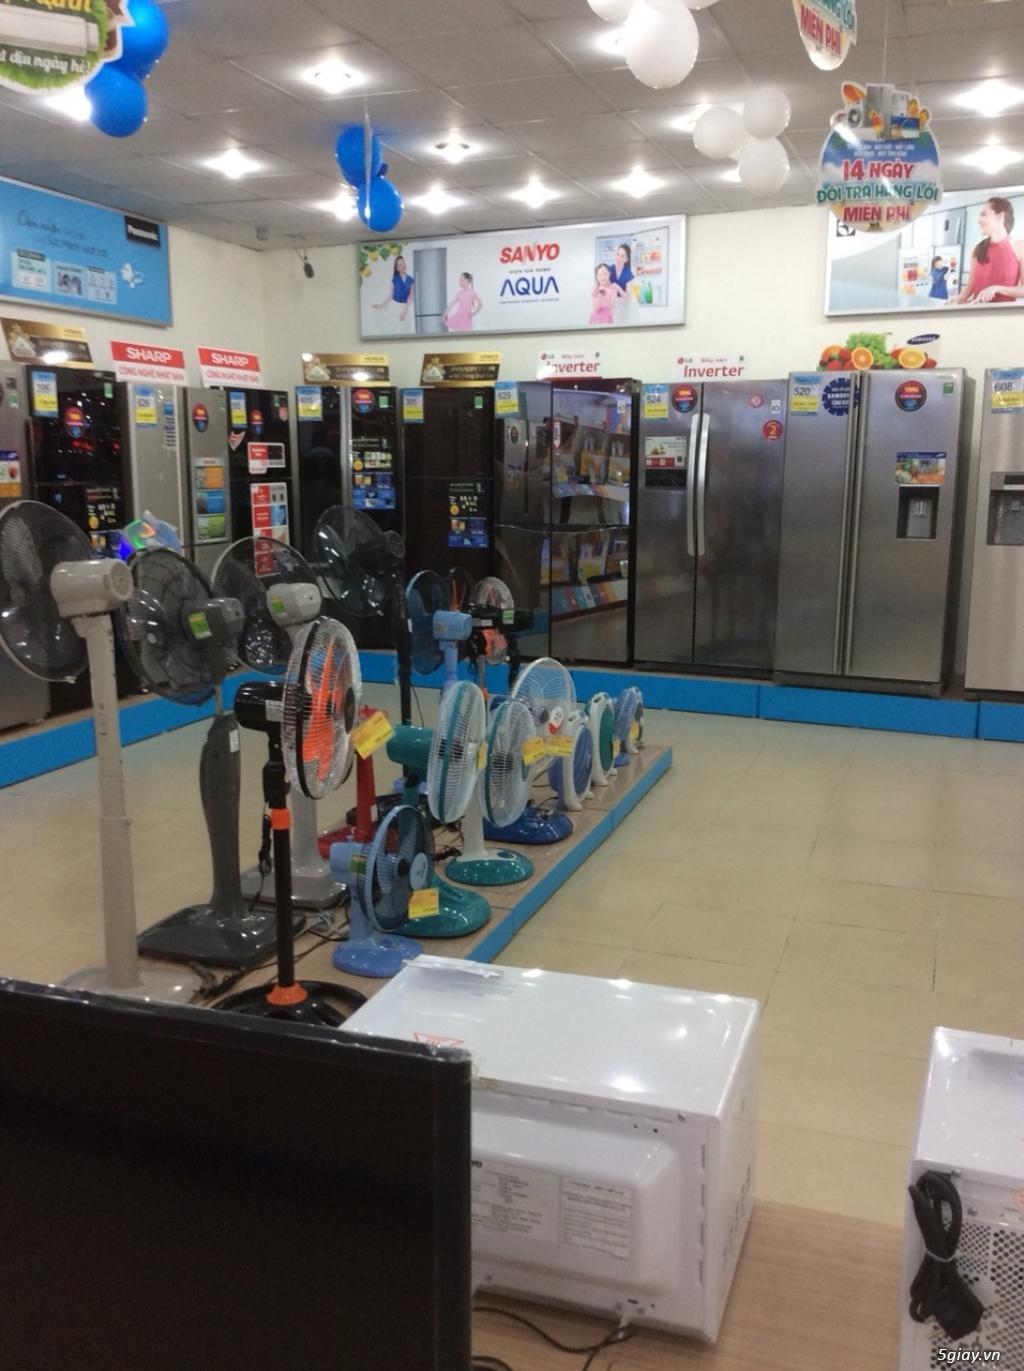 Bán trả góp điện máy tivi - máy lạnh - máy giặt - nội thất giá tốt ....0918018135 - 9